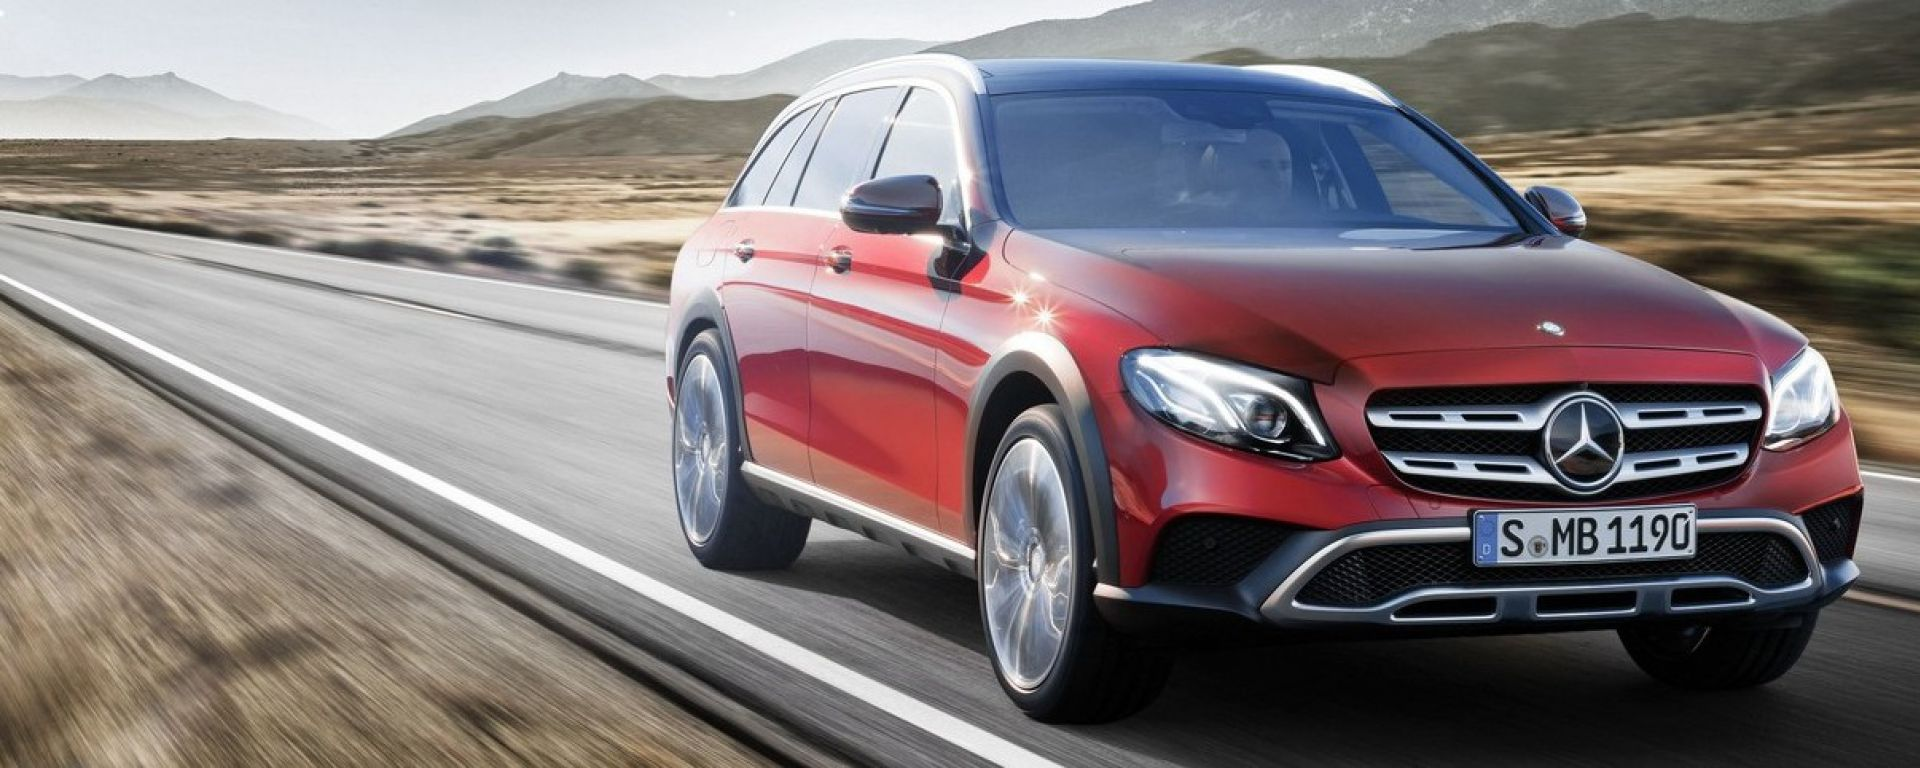 Mercedes Classe E All Terrain: un'altra wagon che non teme lo sporco